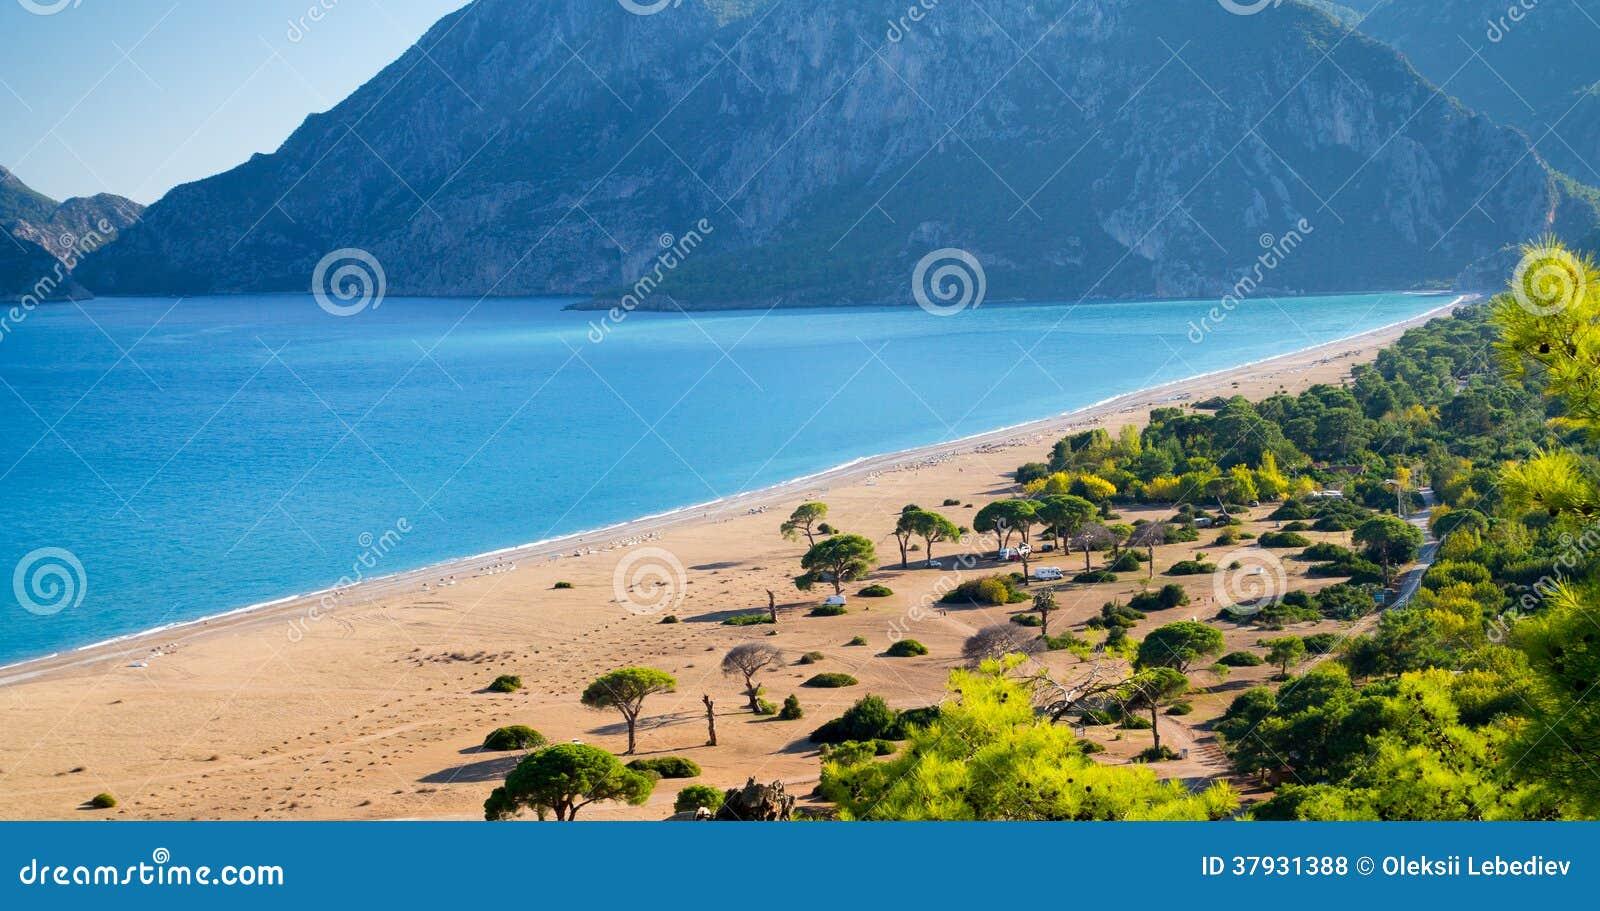 Место для лагеря на пляже песка